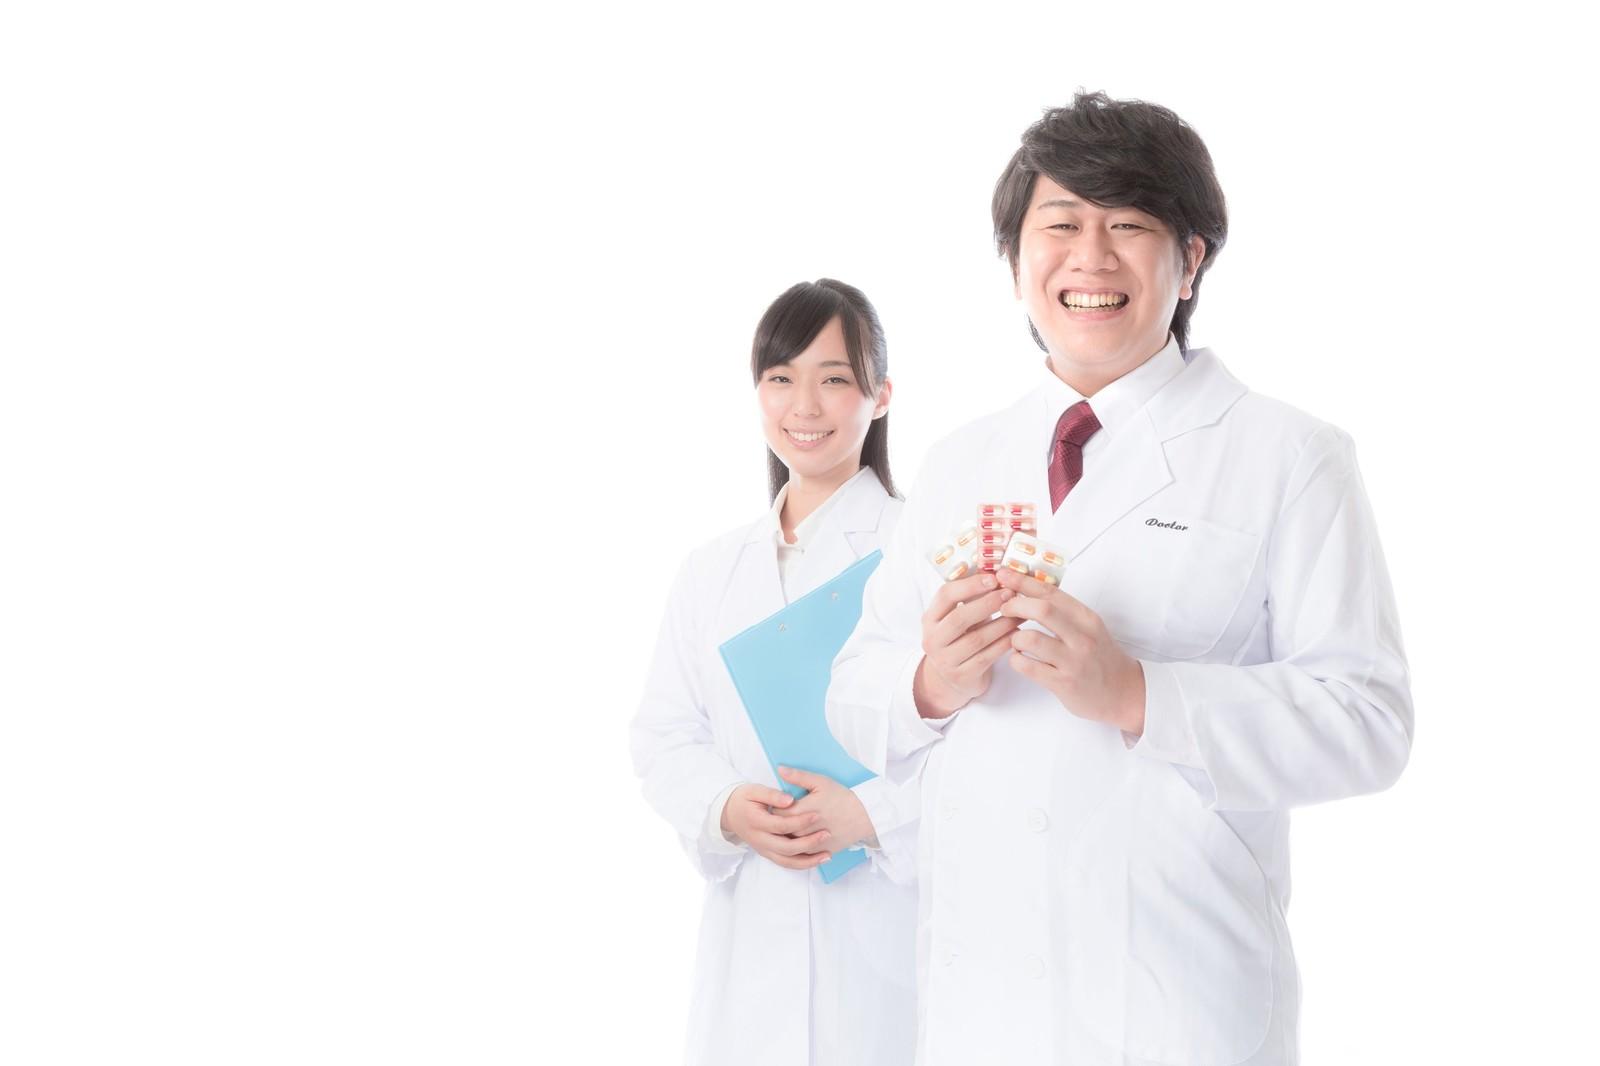 薬剤師の転職市場が需要で溢れかえって嬉しい二人